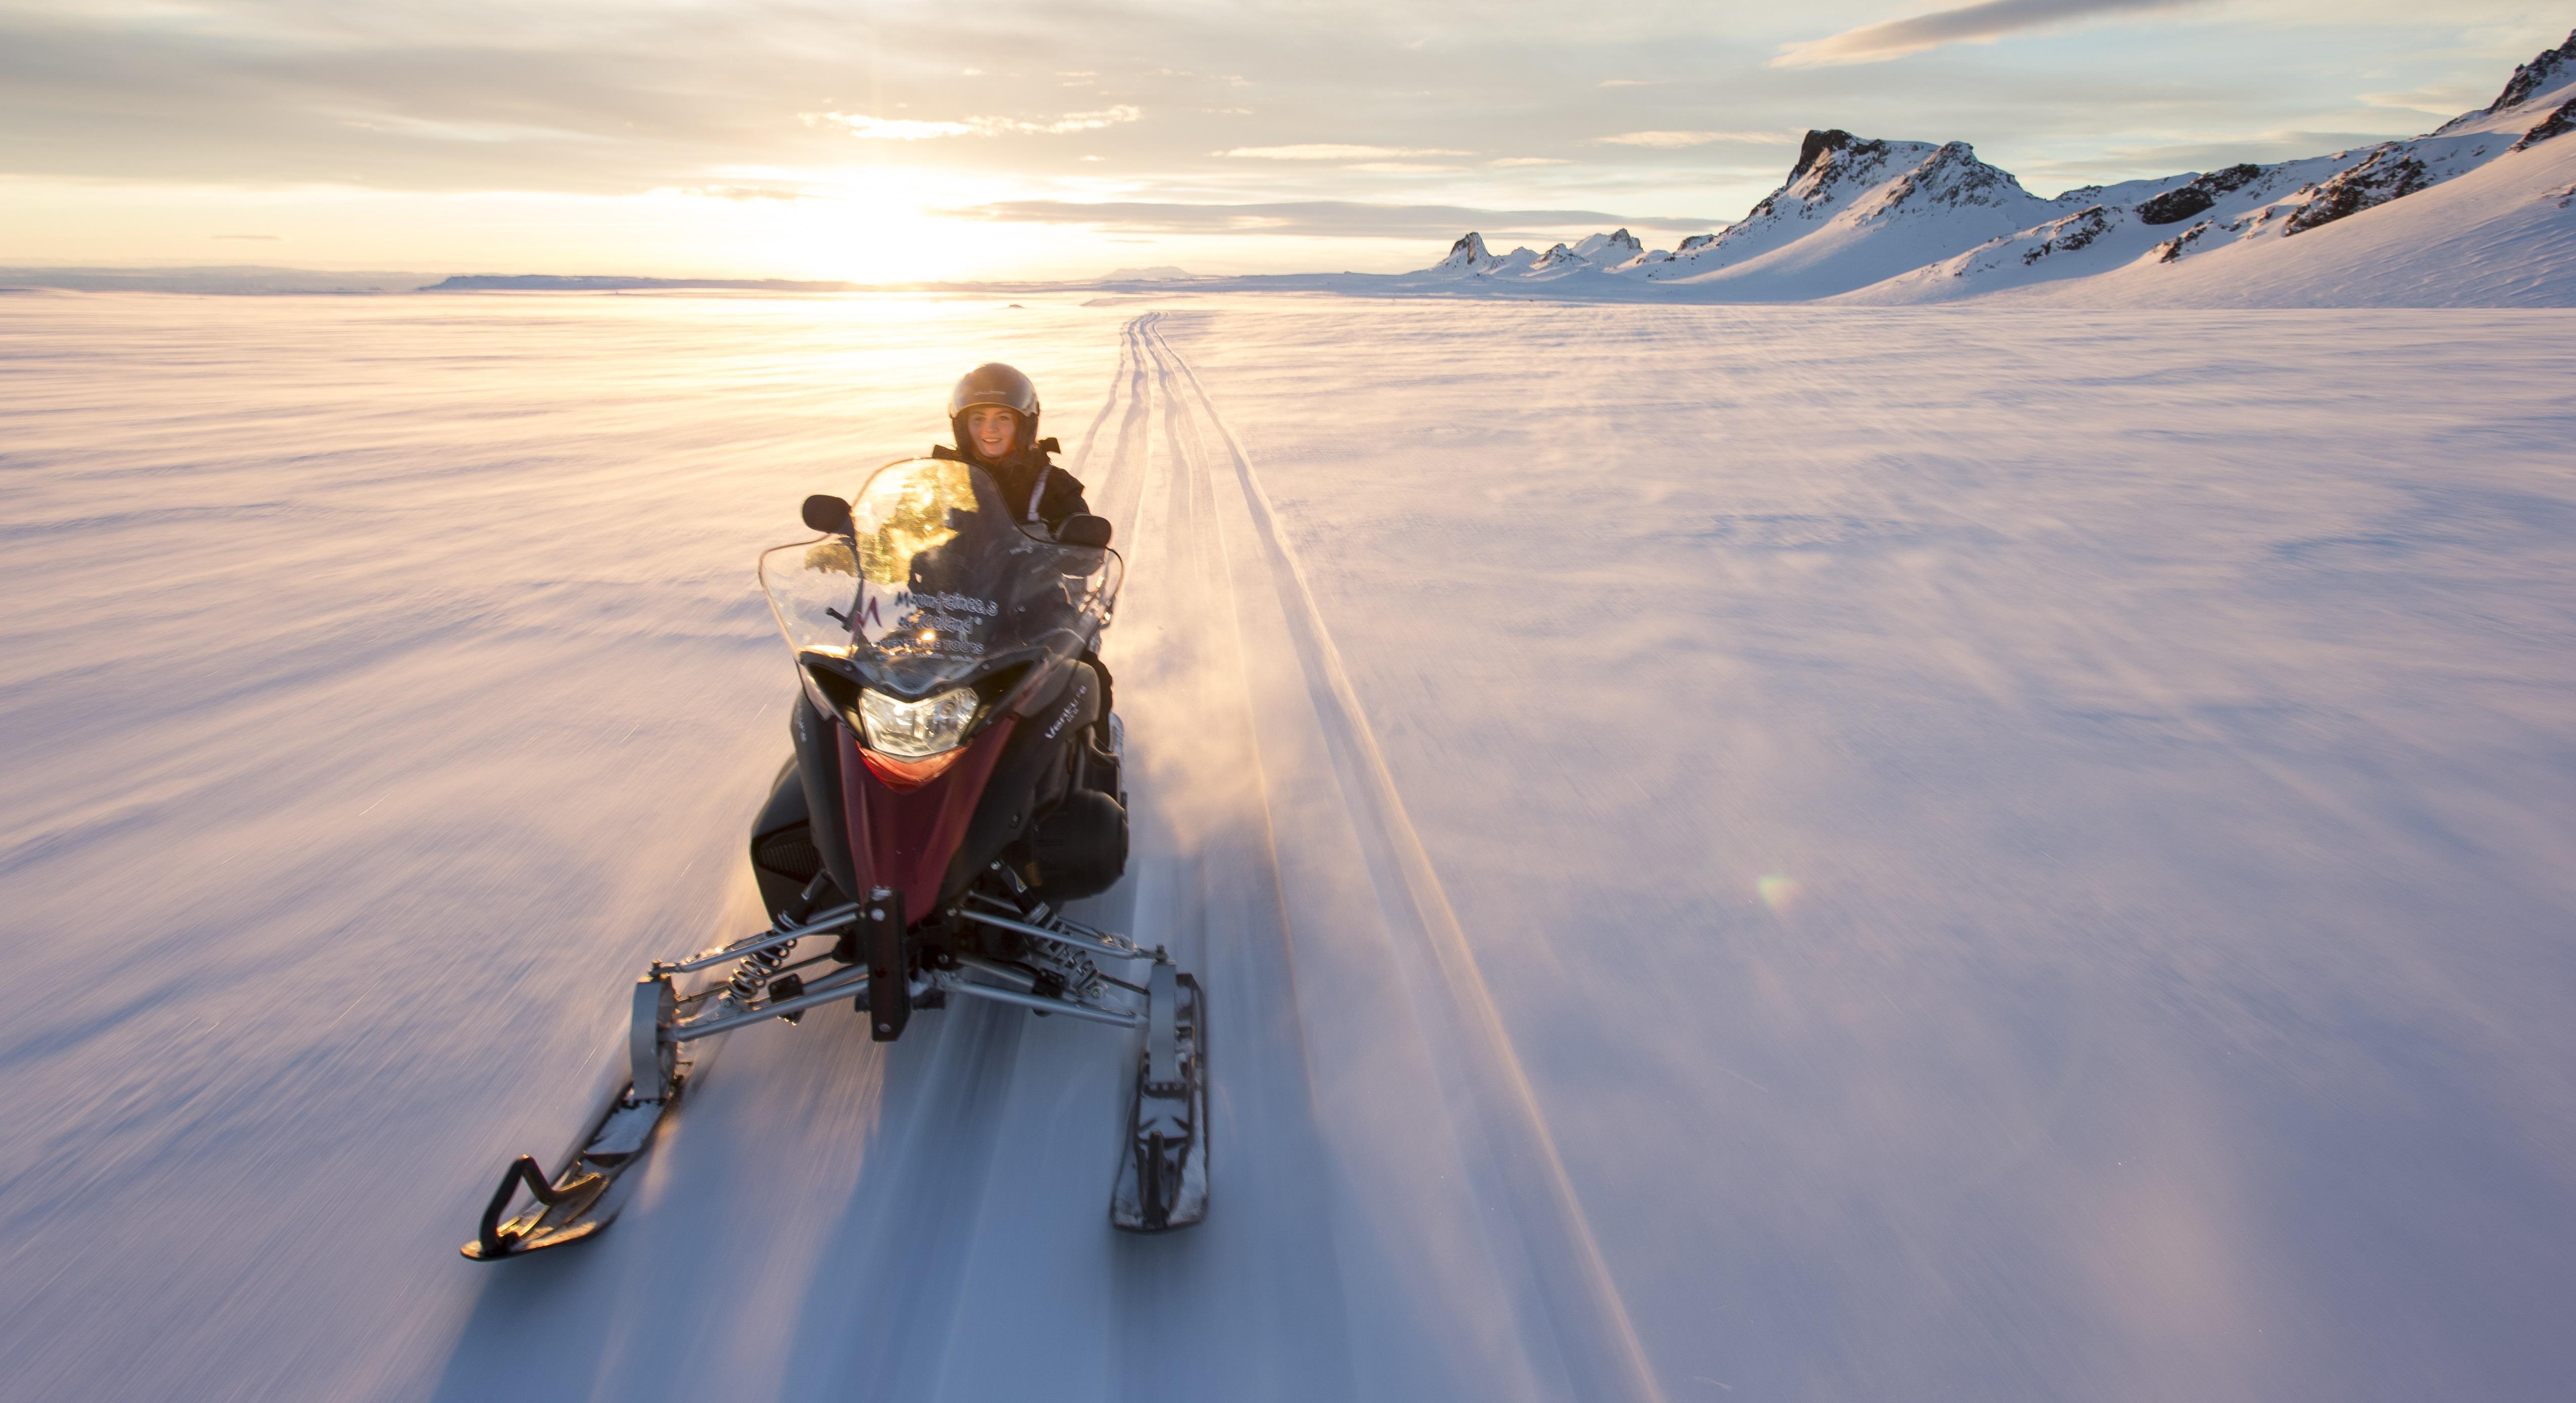 Geniet van je sneeuwscooteravontuur op de gletsjer Langjökull in IJsland.